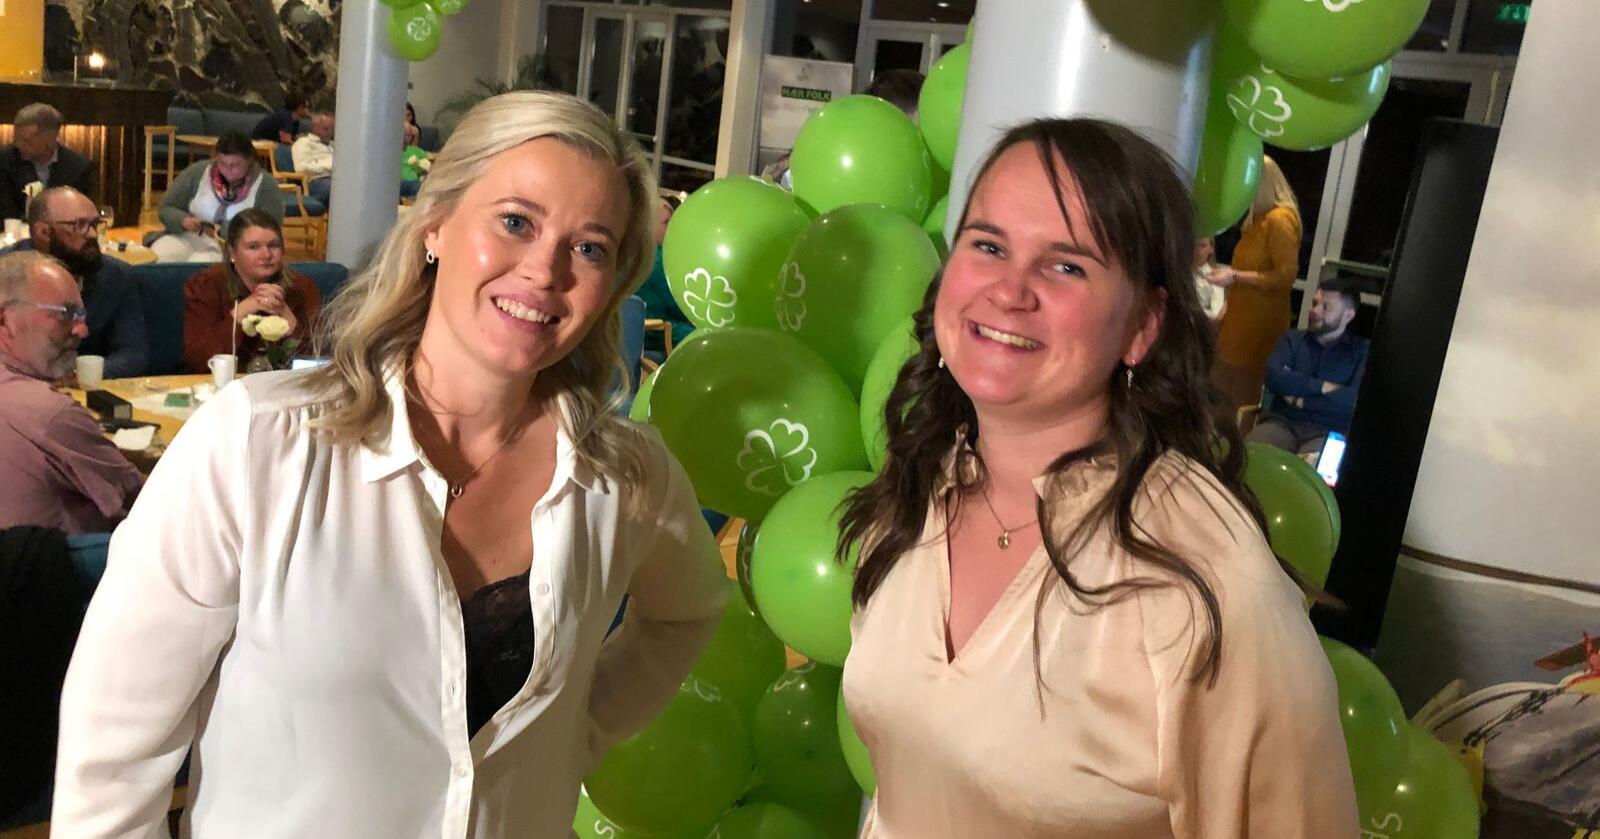 Kjersti Bjørnstad og Marit Knutsdatter Strand på Sps valgvake i Oppland. Foto: Lars Bilit Hagen